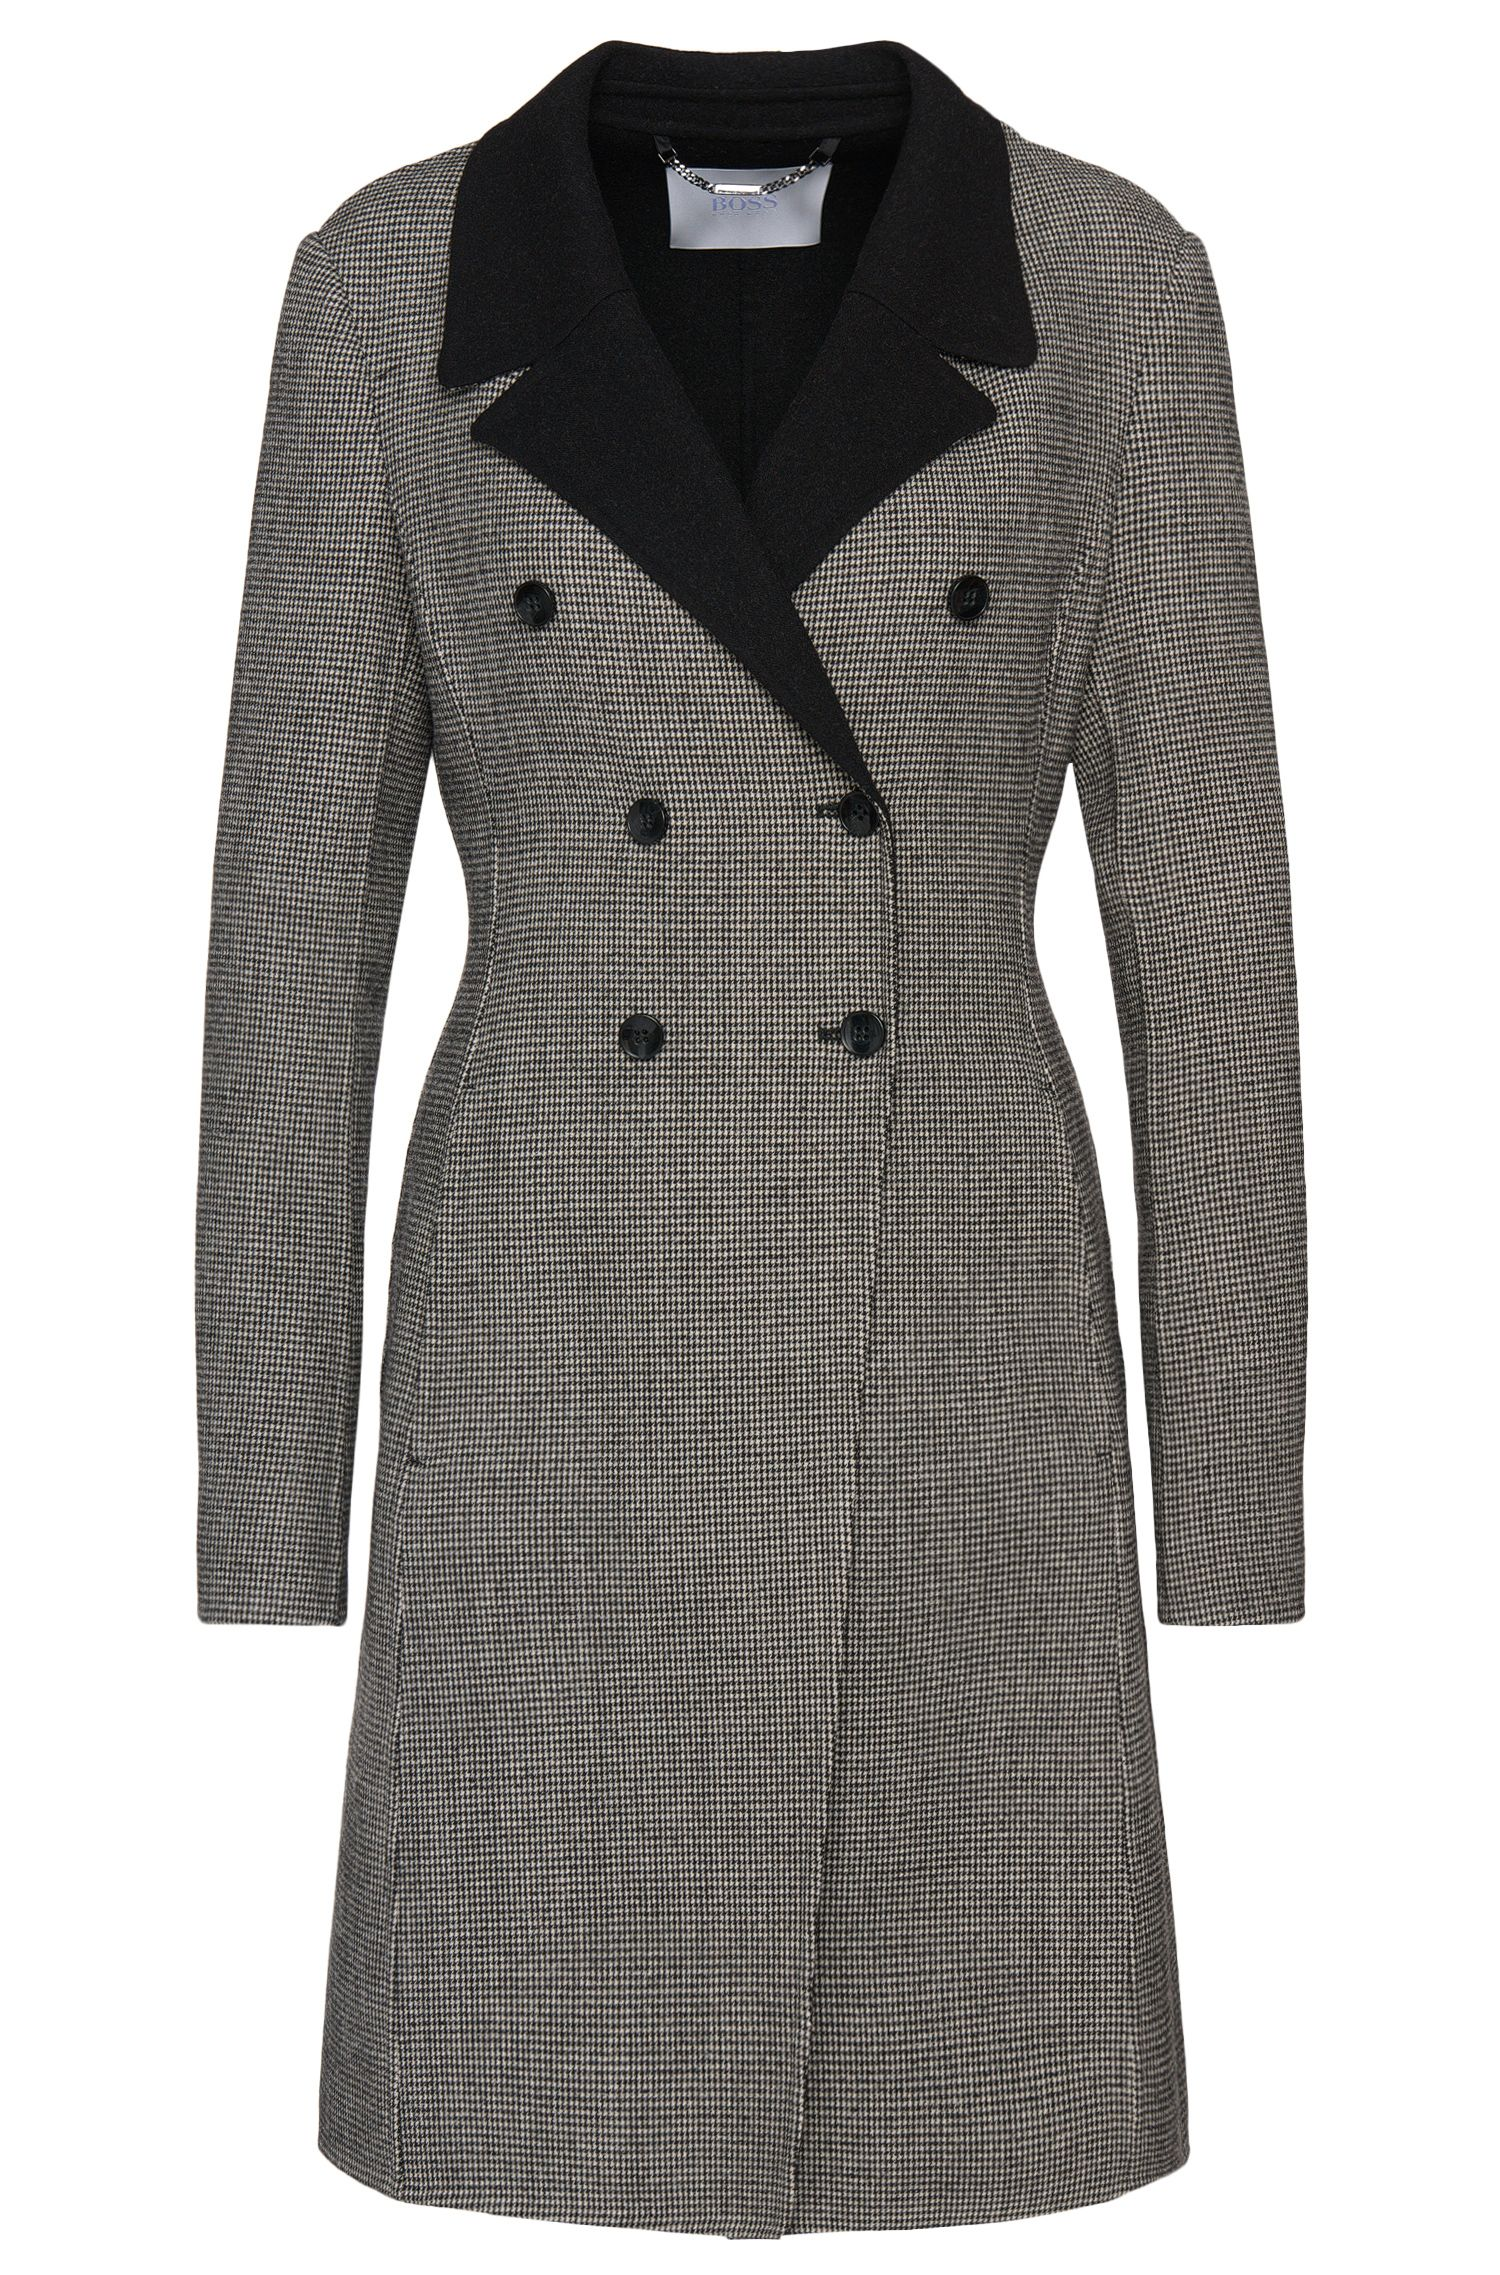 Manteau en laine extensible mélangée, au motif pied-de-poule: «Cucina1»